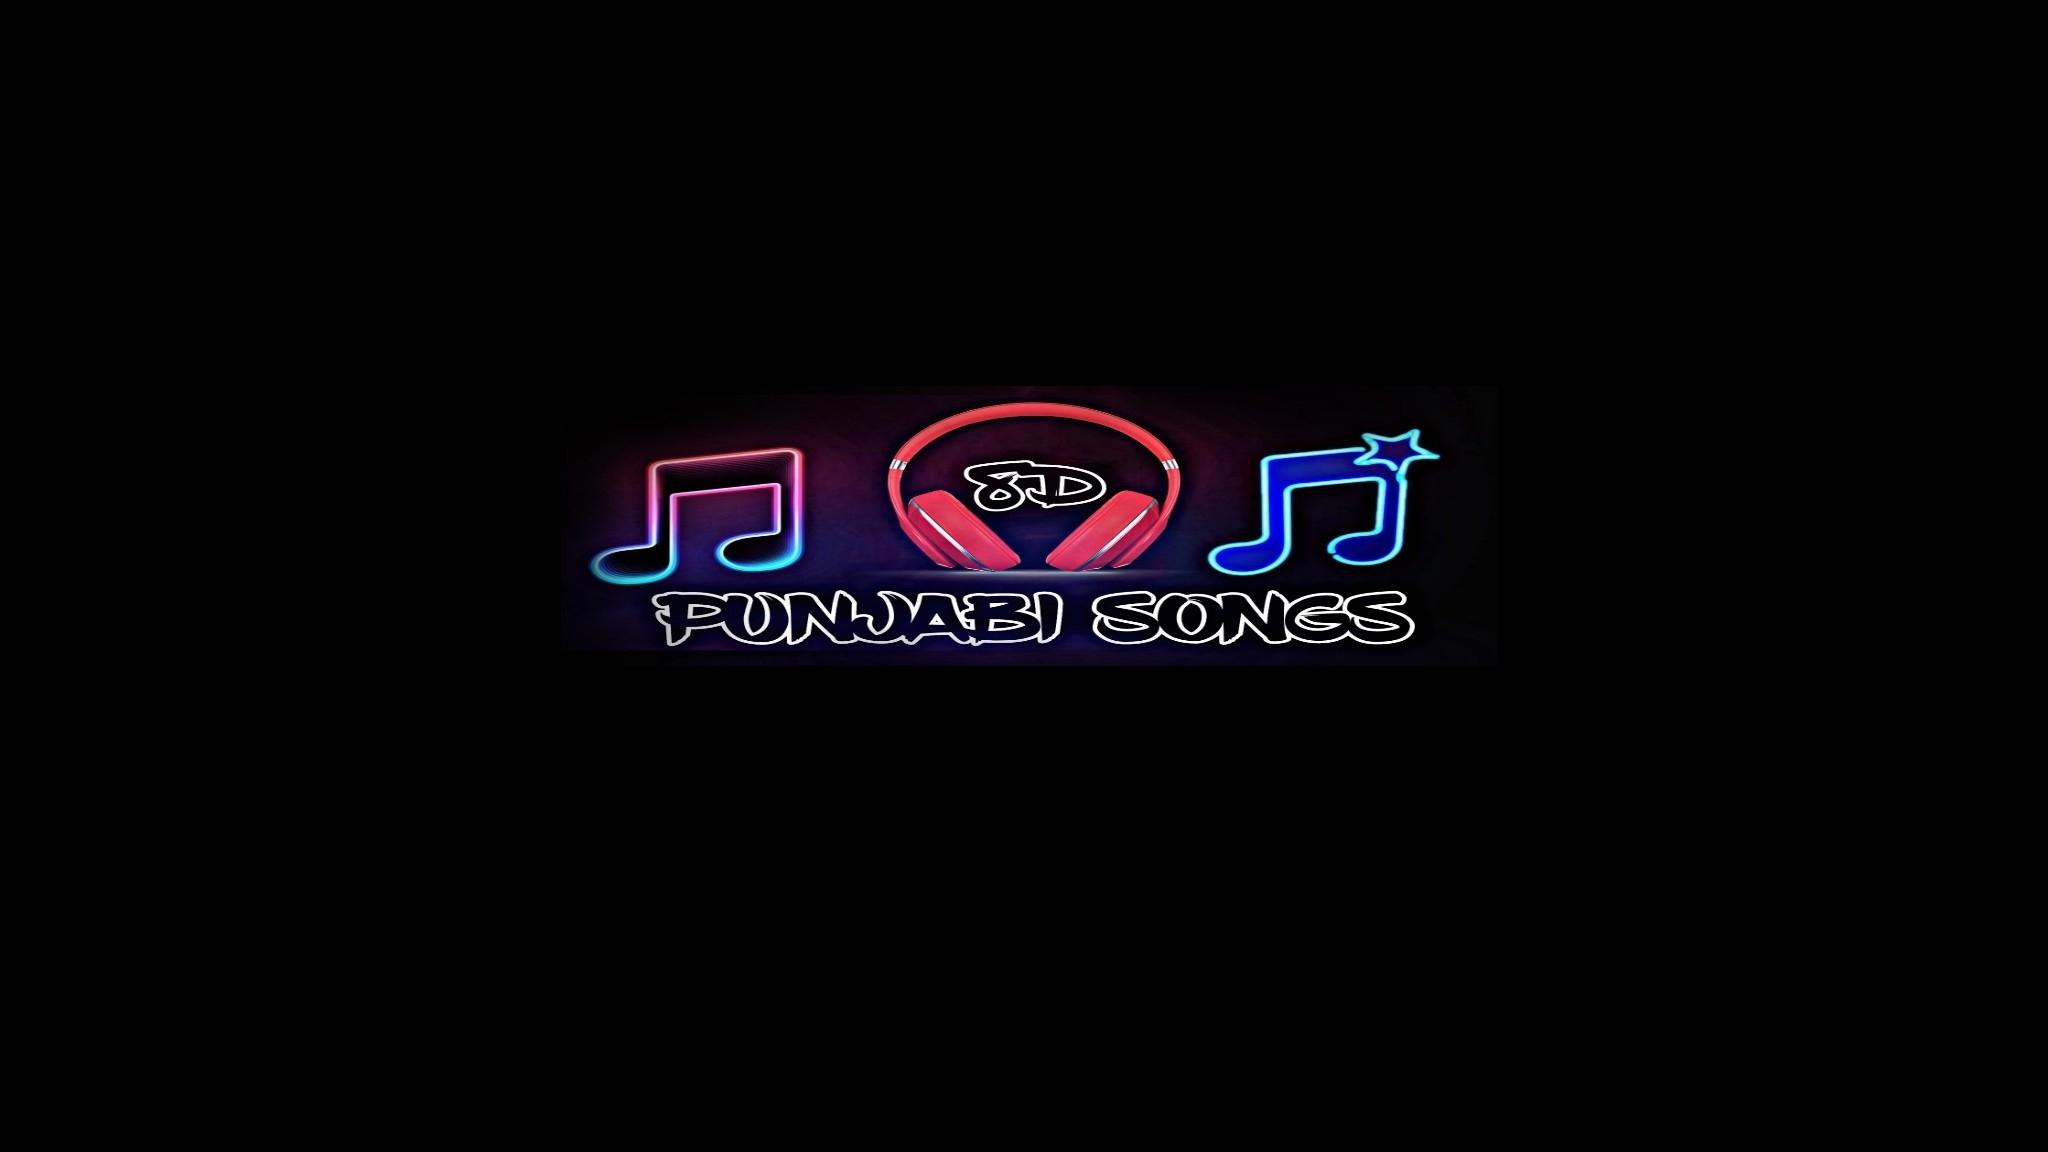 8D Punjabi Song (@8dpunjabisongs) Cover Image